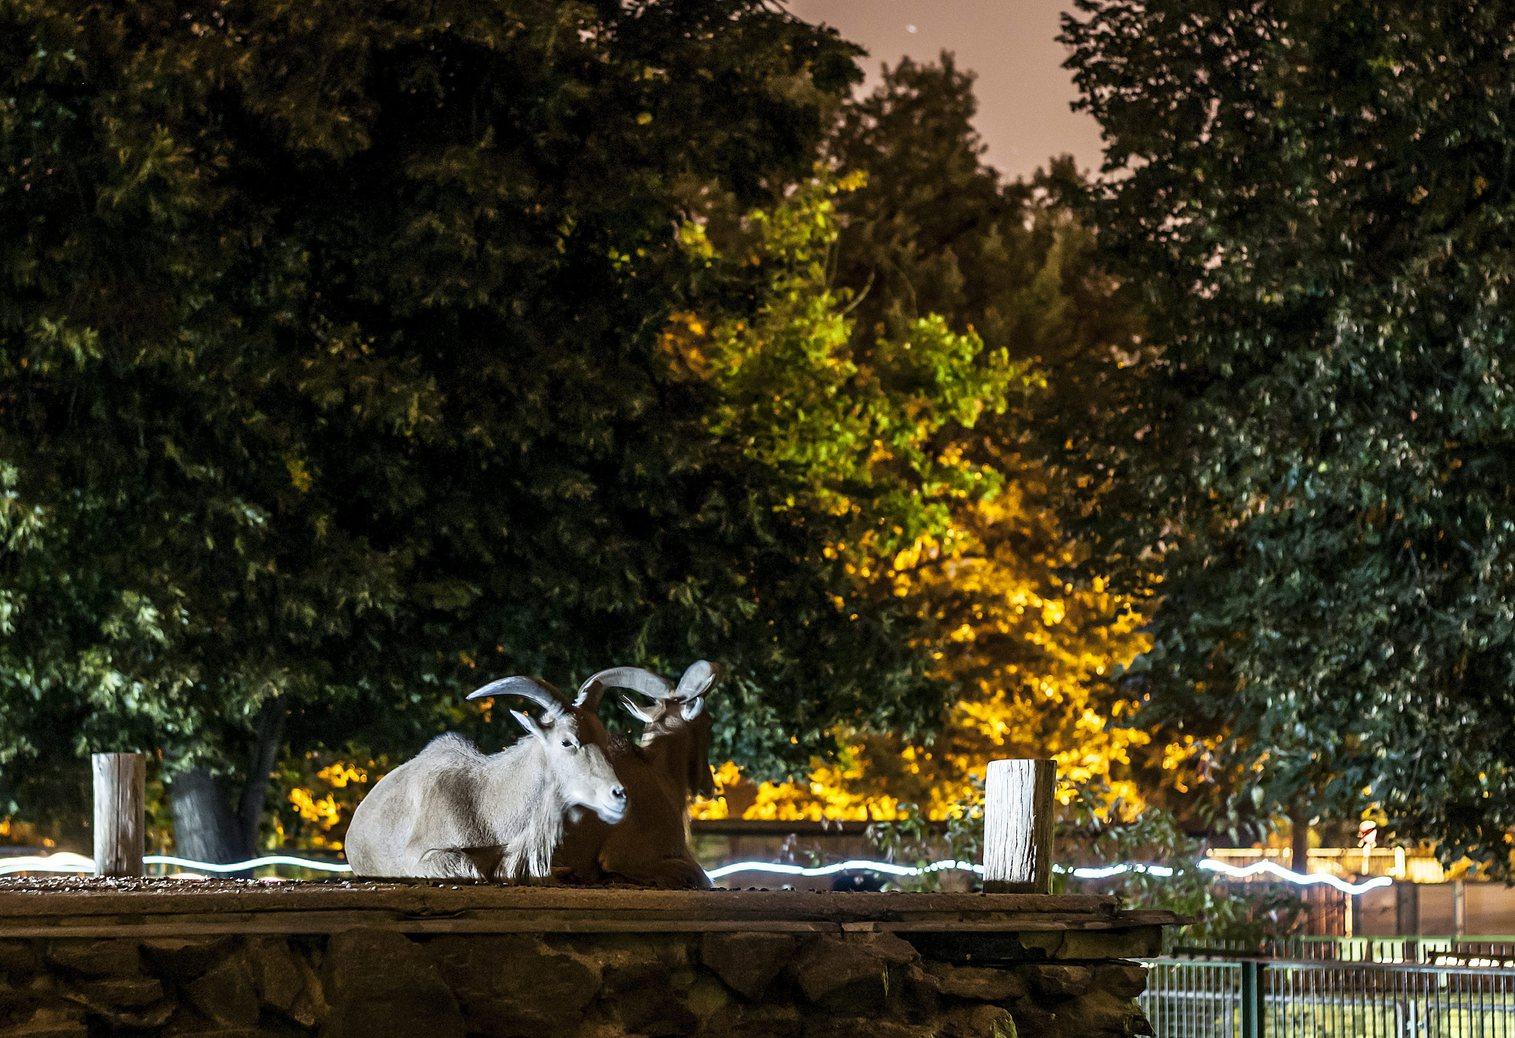 Sörényes juhok (Ammotragus lervia)a Debreceni Állat- és Növénykertben az állatkertek éjszakáján 2013. augusztus 30-án. MTI Fotó: Czeglédi Zsolt